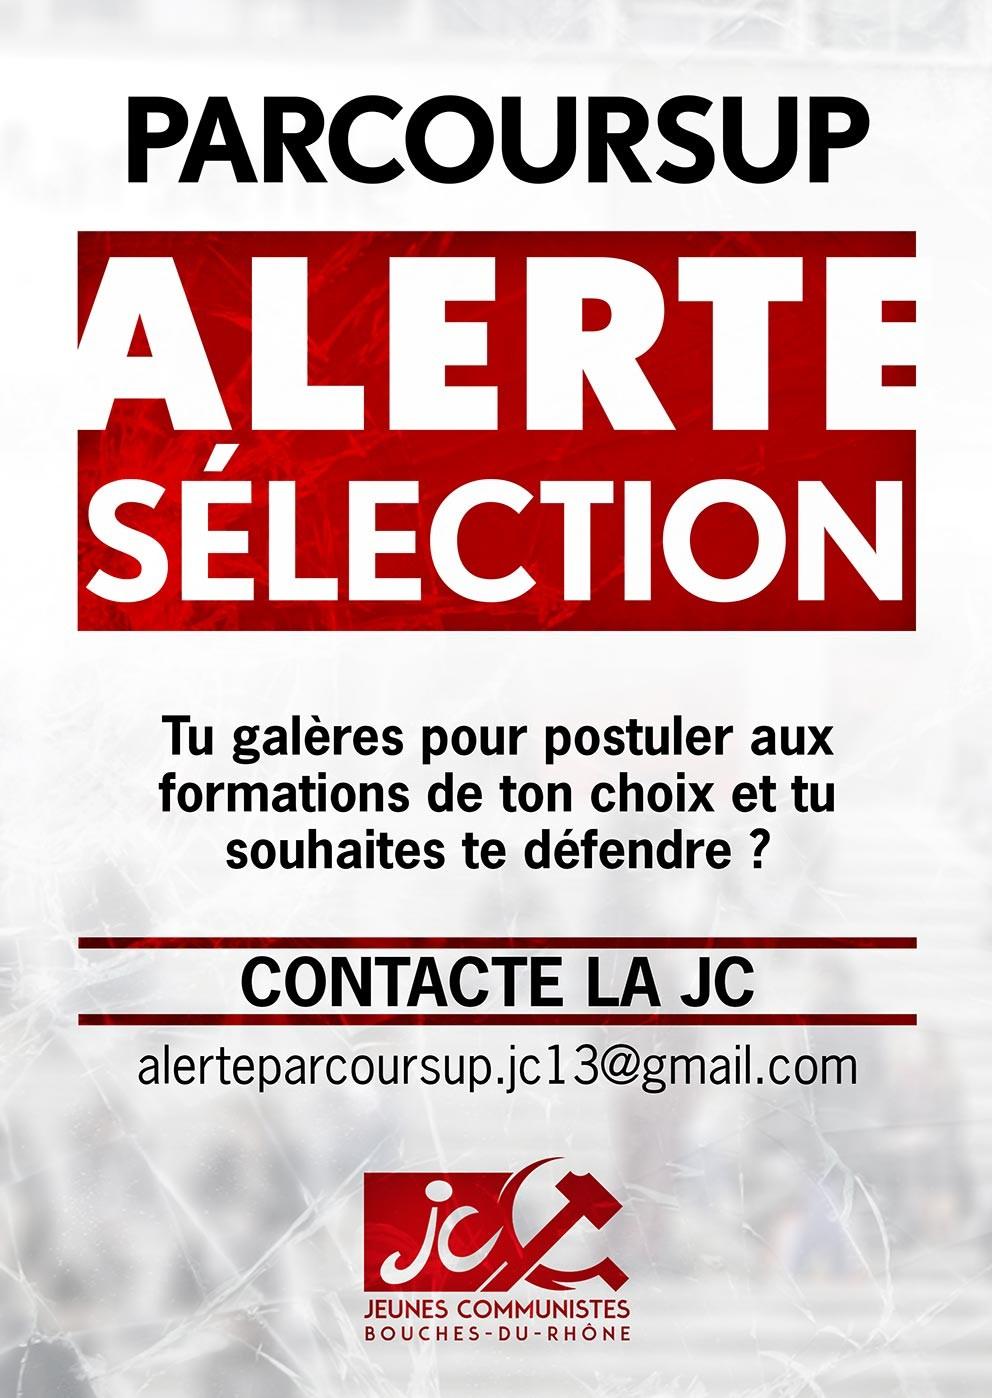 ParcourSup : Alerte sélection